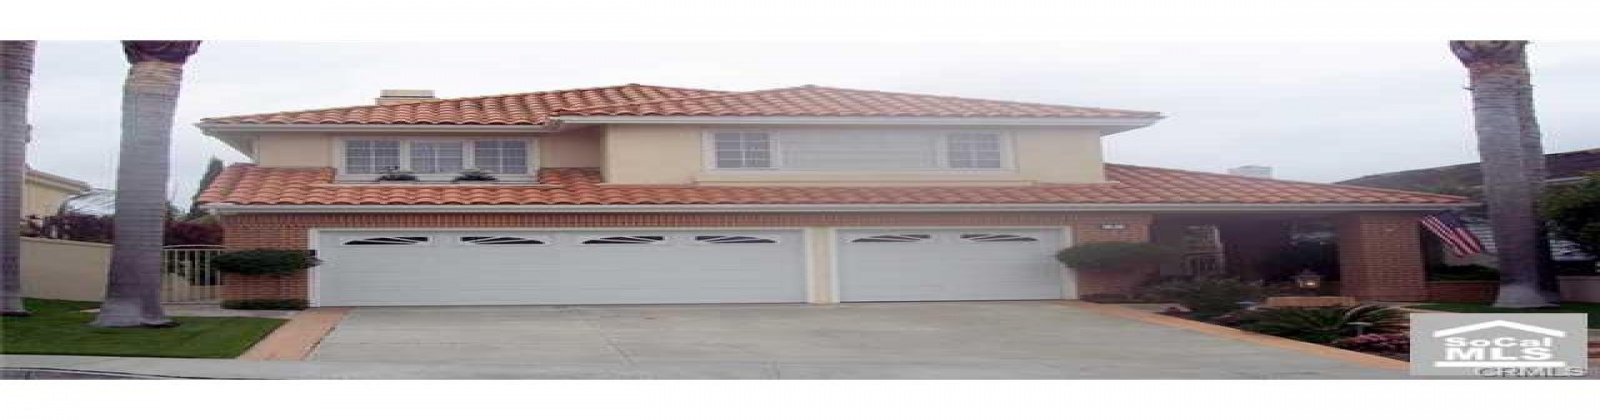 7 BELCREST, Laguan Niguel, California 92677, 4 Bedrooms Bedrooms, ,3 BathroomsBathrooms,Home,Leased,BELCREST,1311